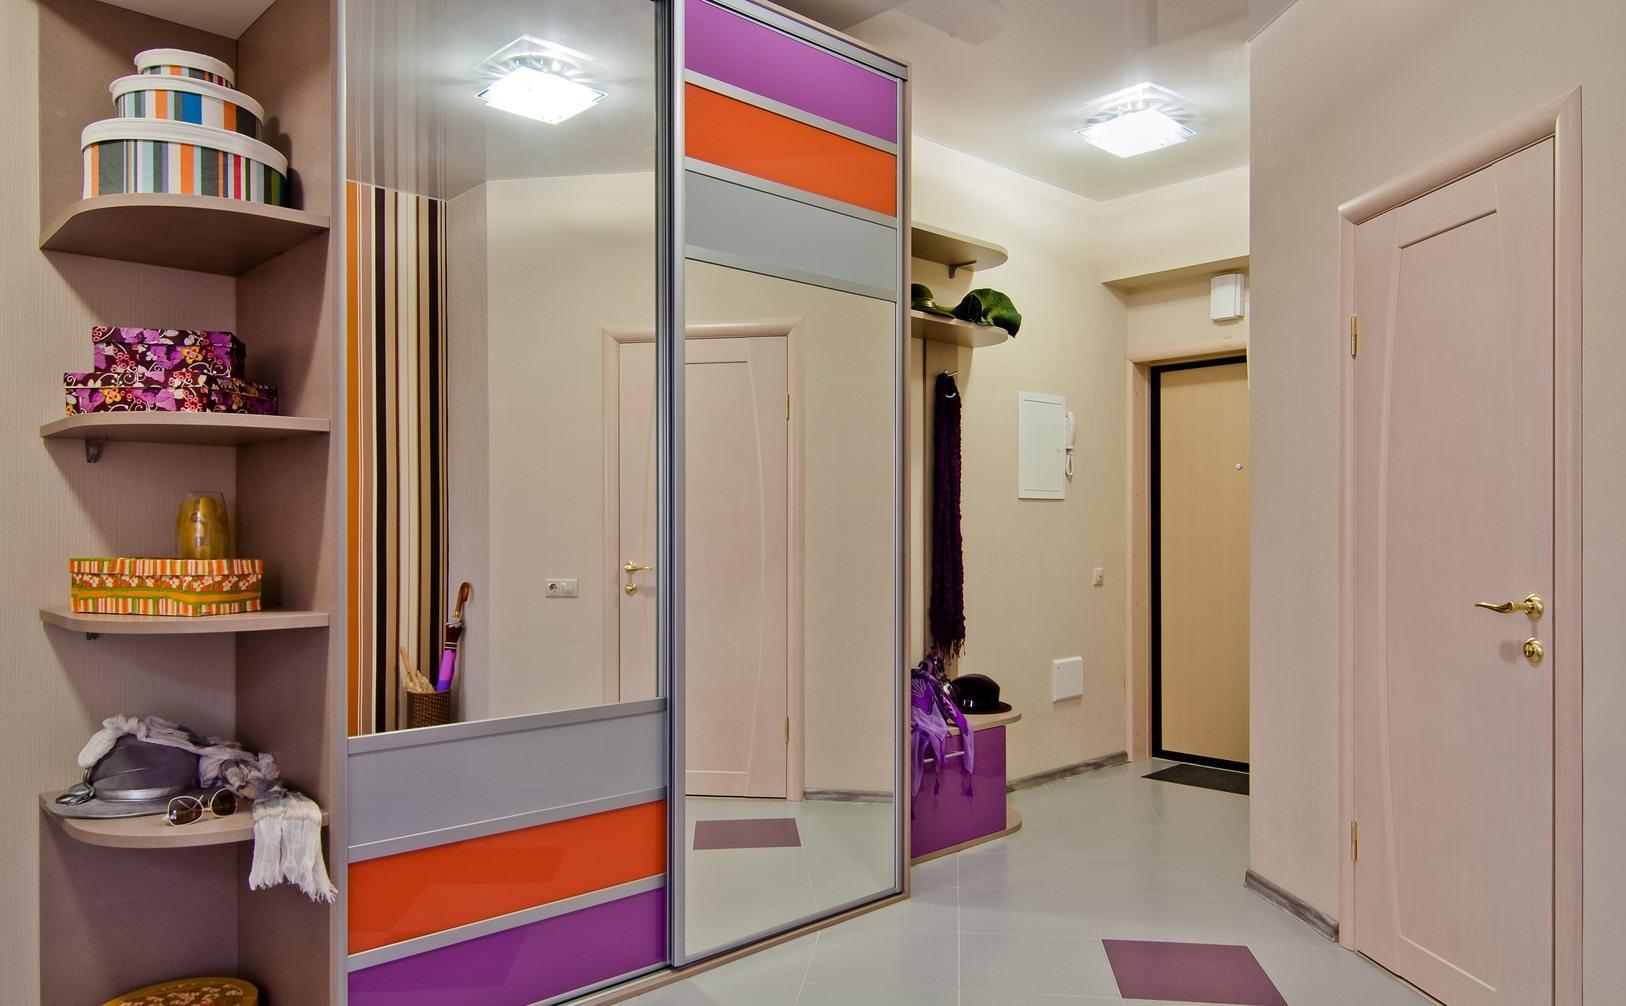 Маленькая прихожая шкаф с яркой картинкой.